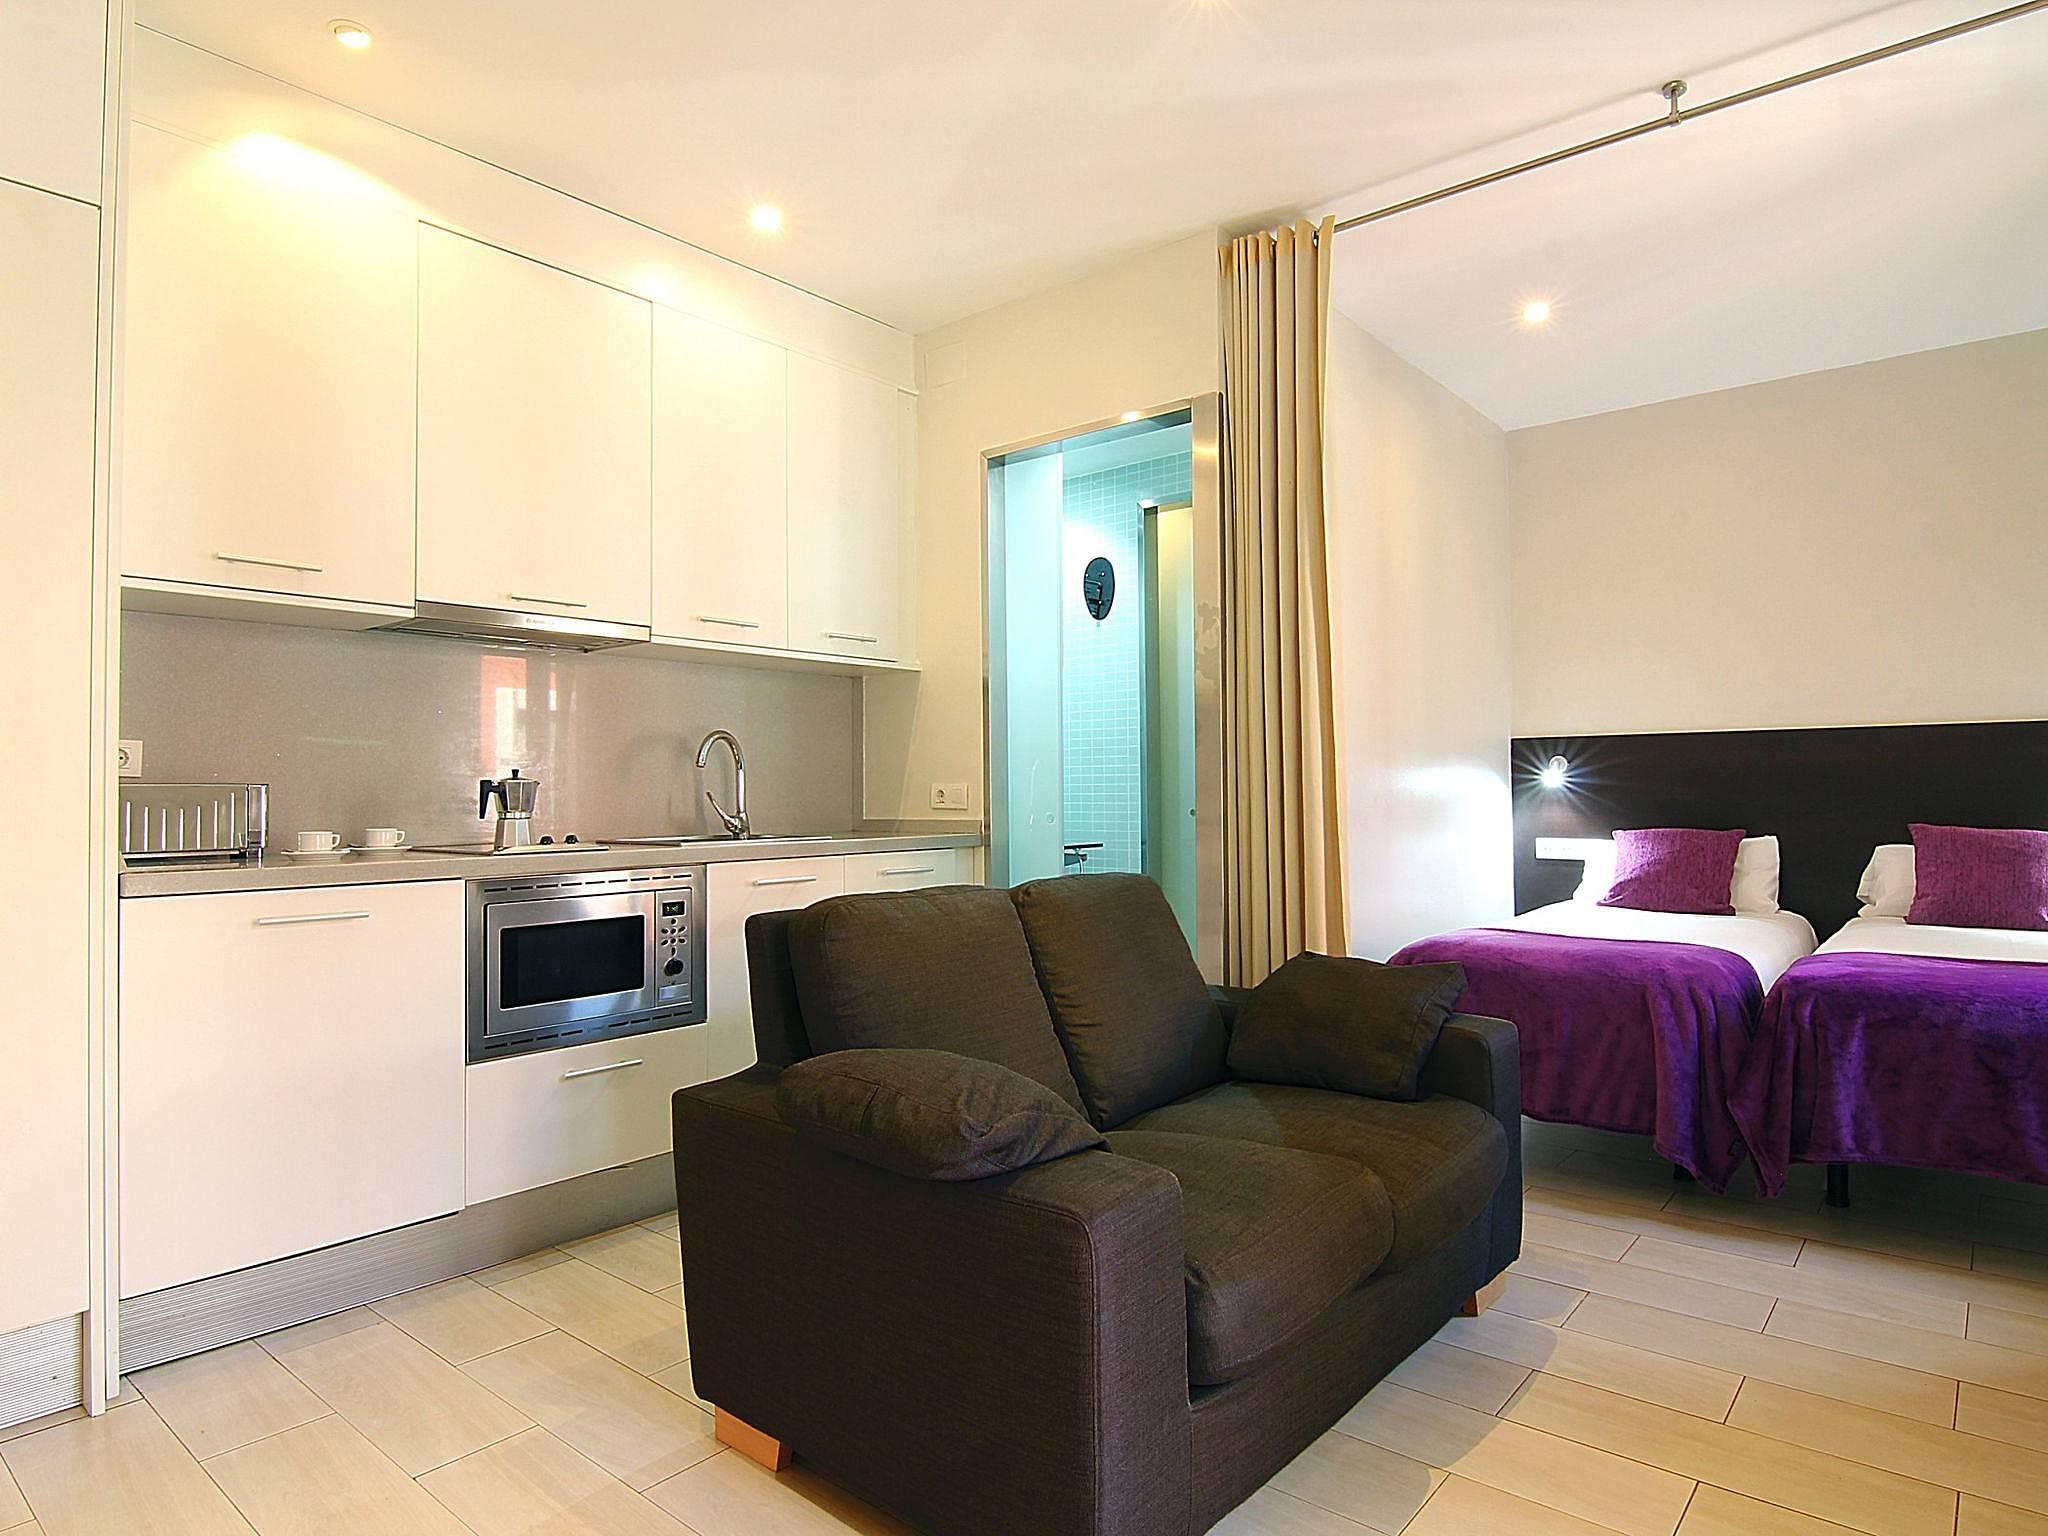 Appartamento per 2 persone nel centro di barcellona for B b barcellona economici centro